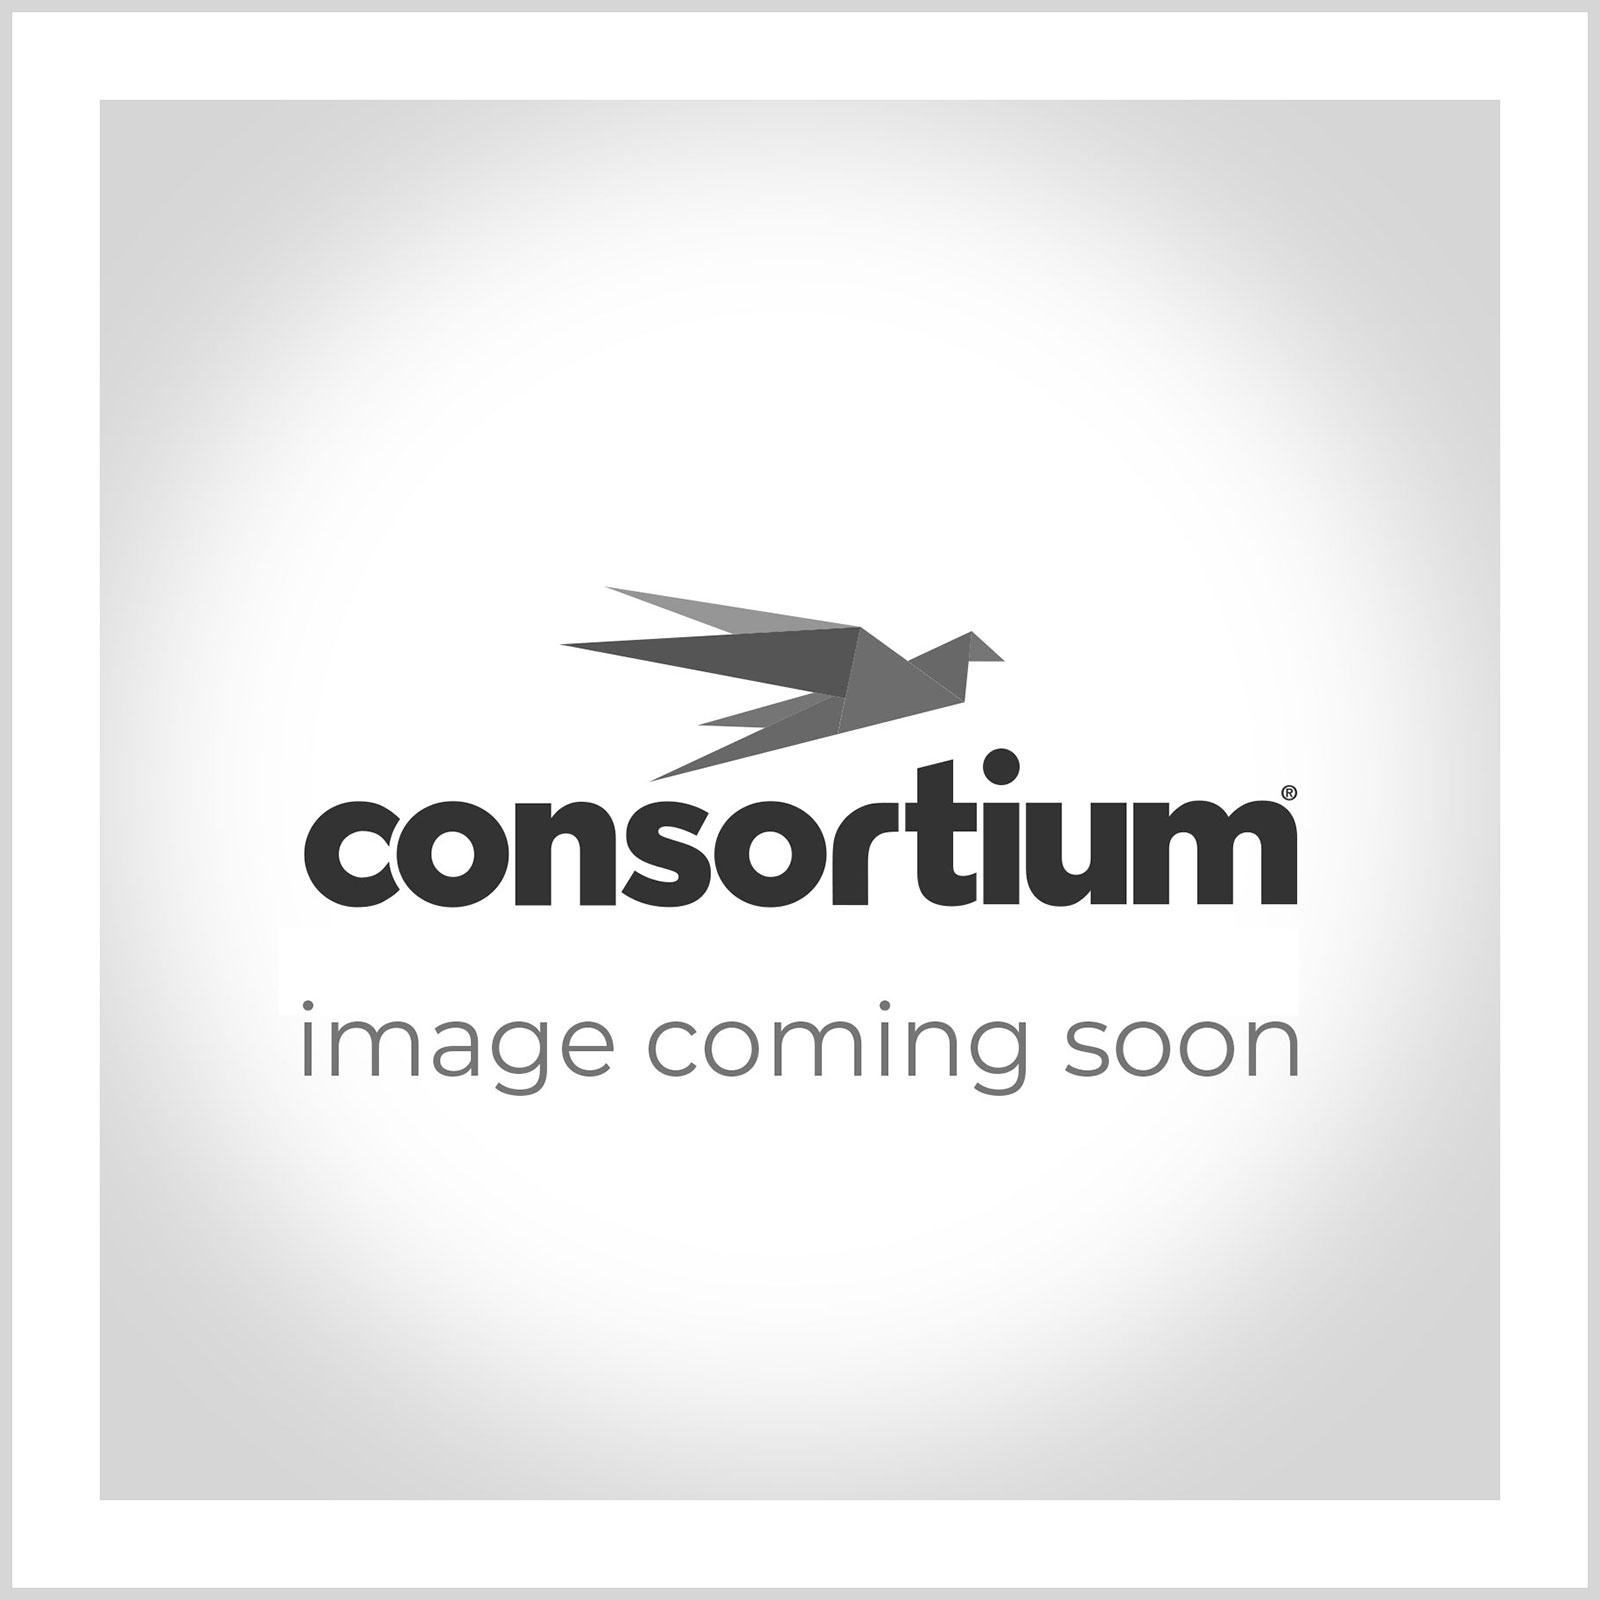 Office Essentials range - view now